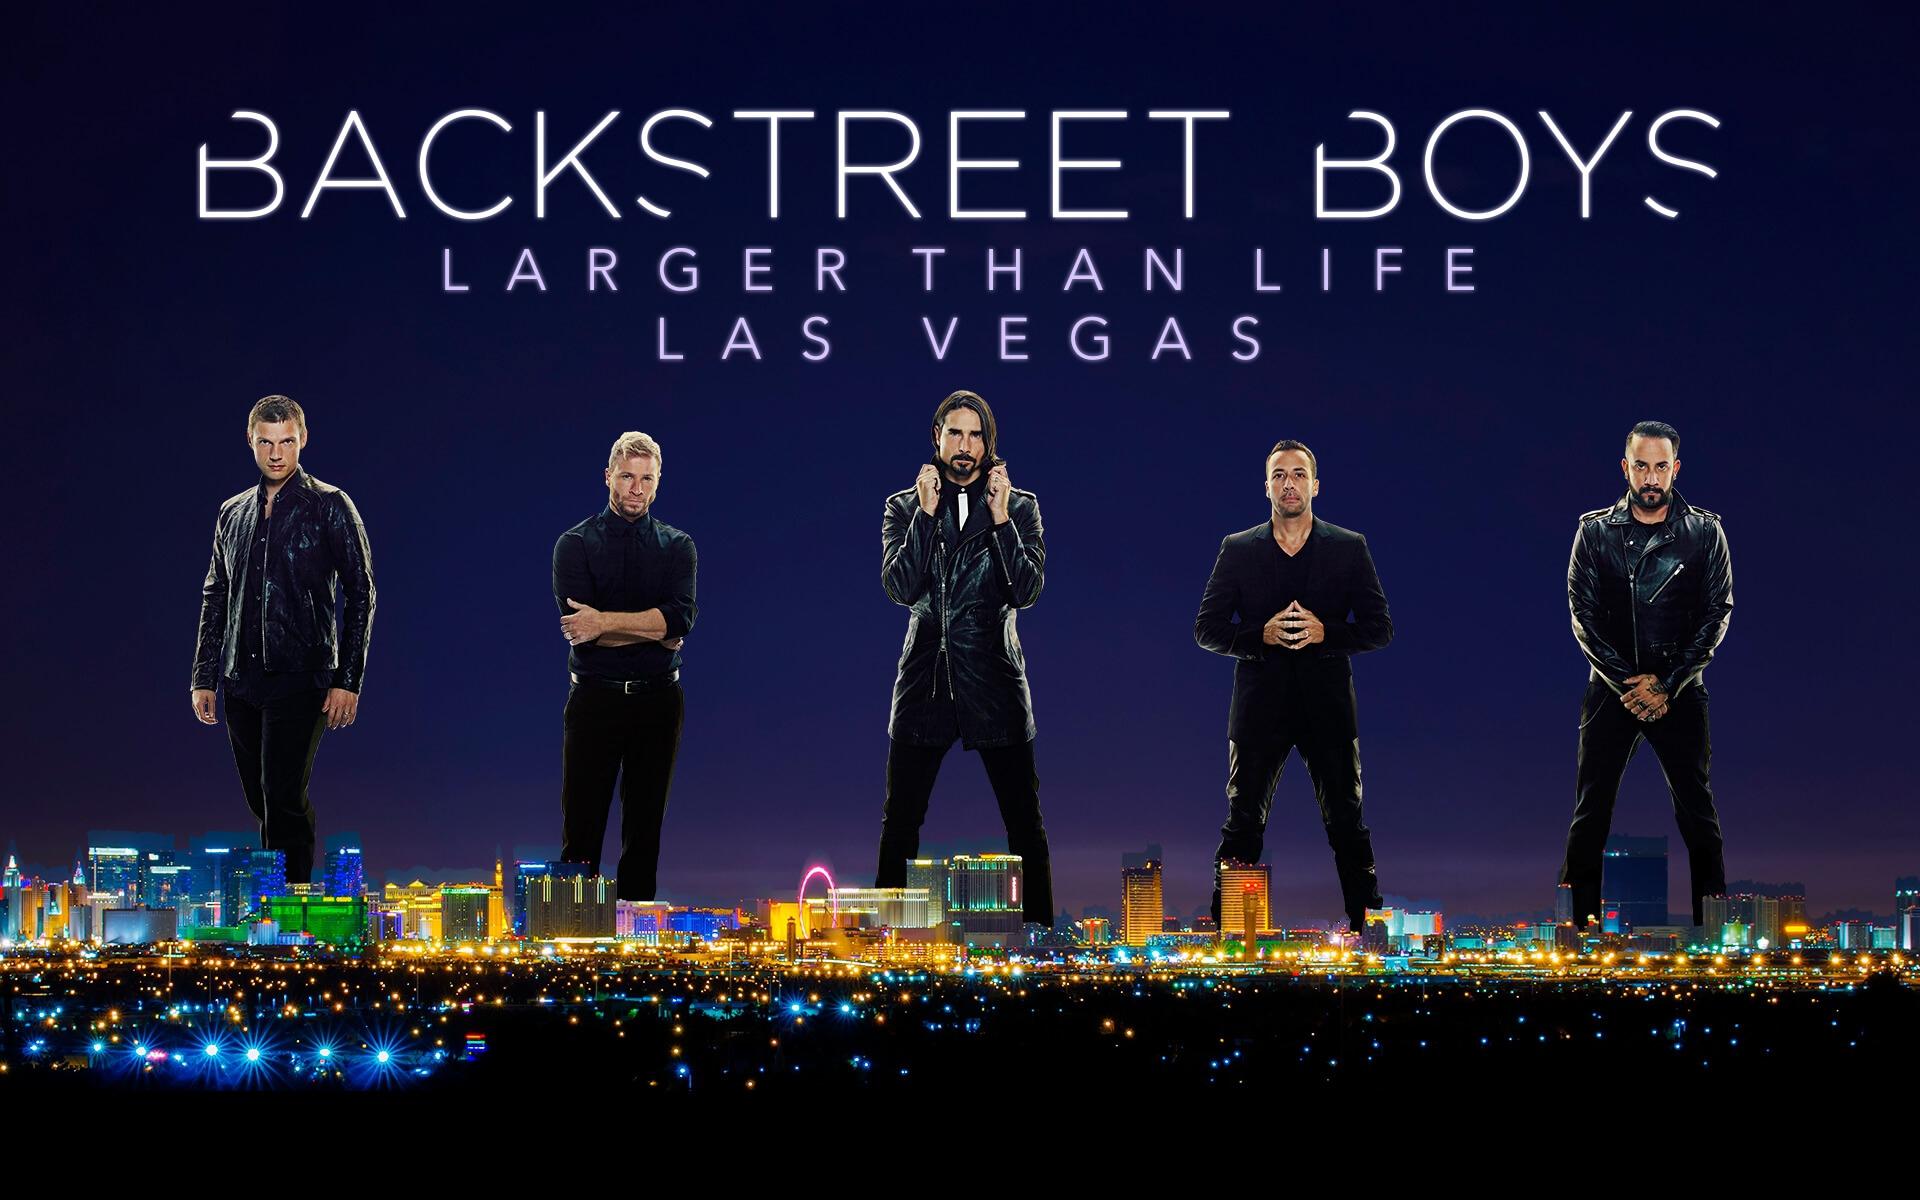 Backstreet Boys Full Hd